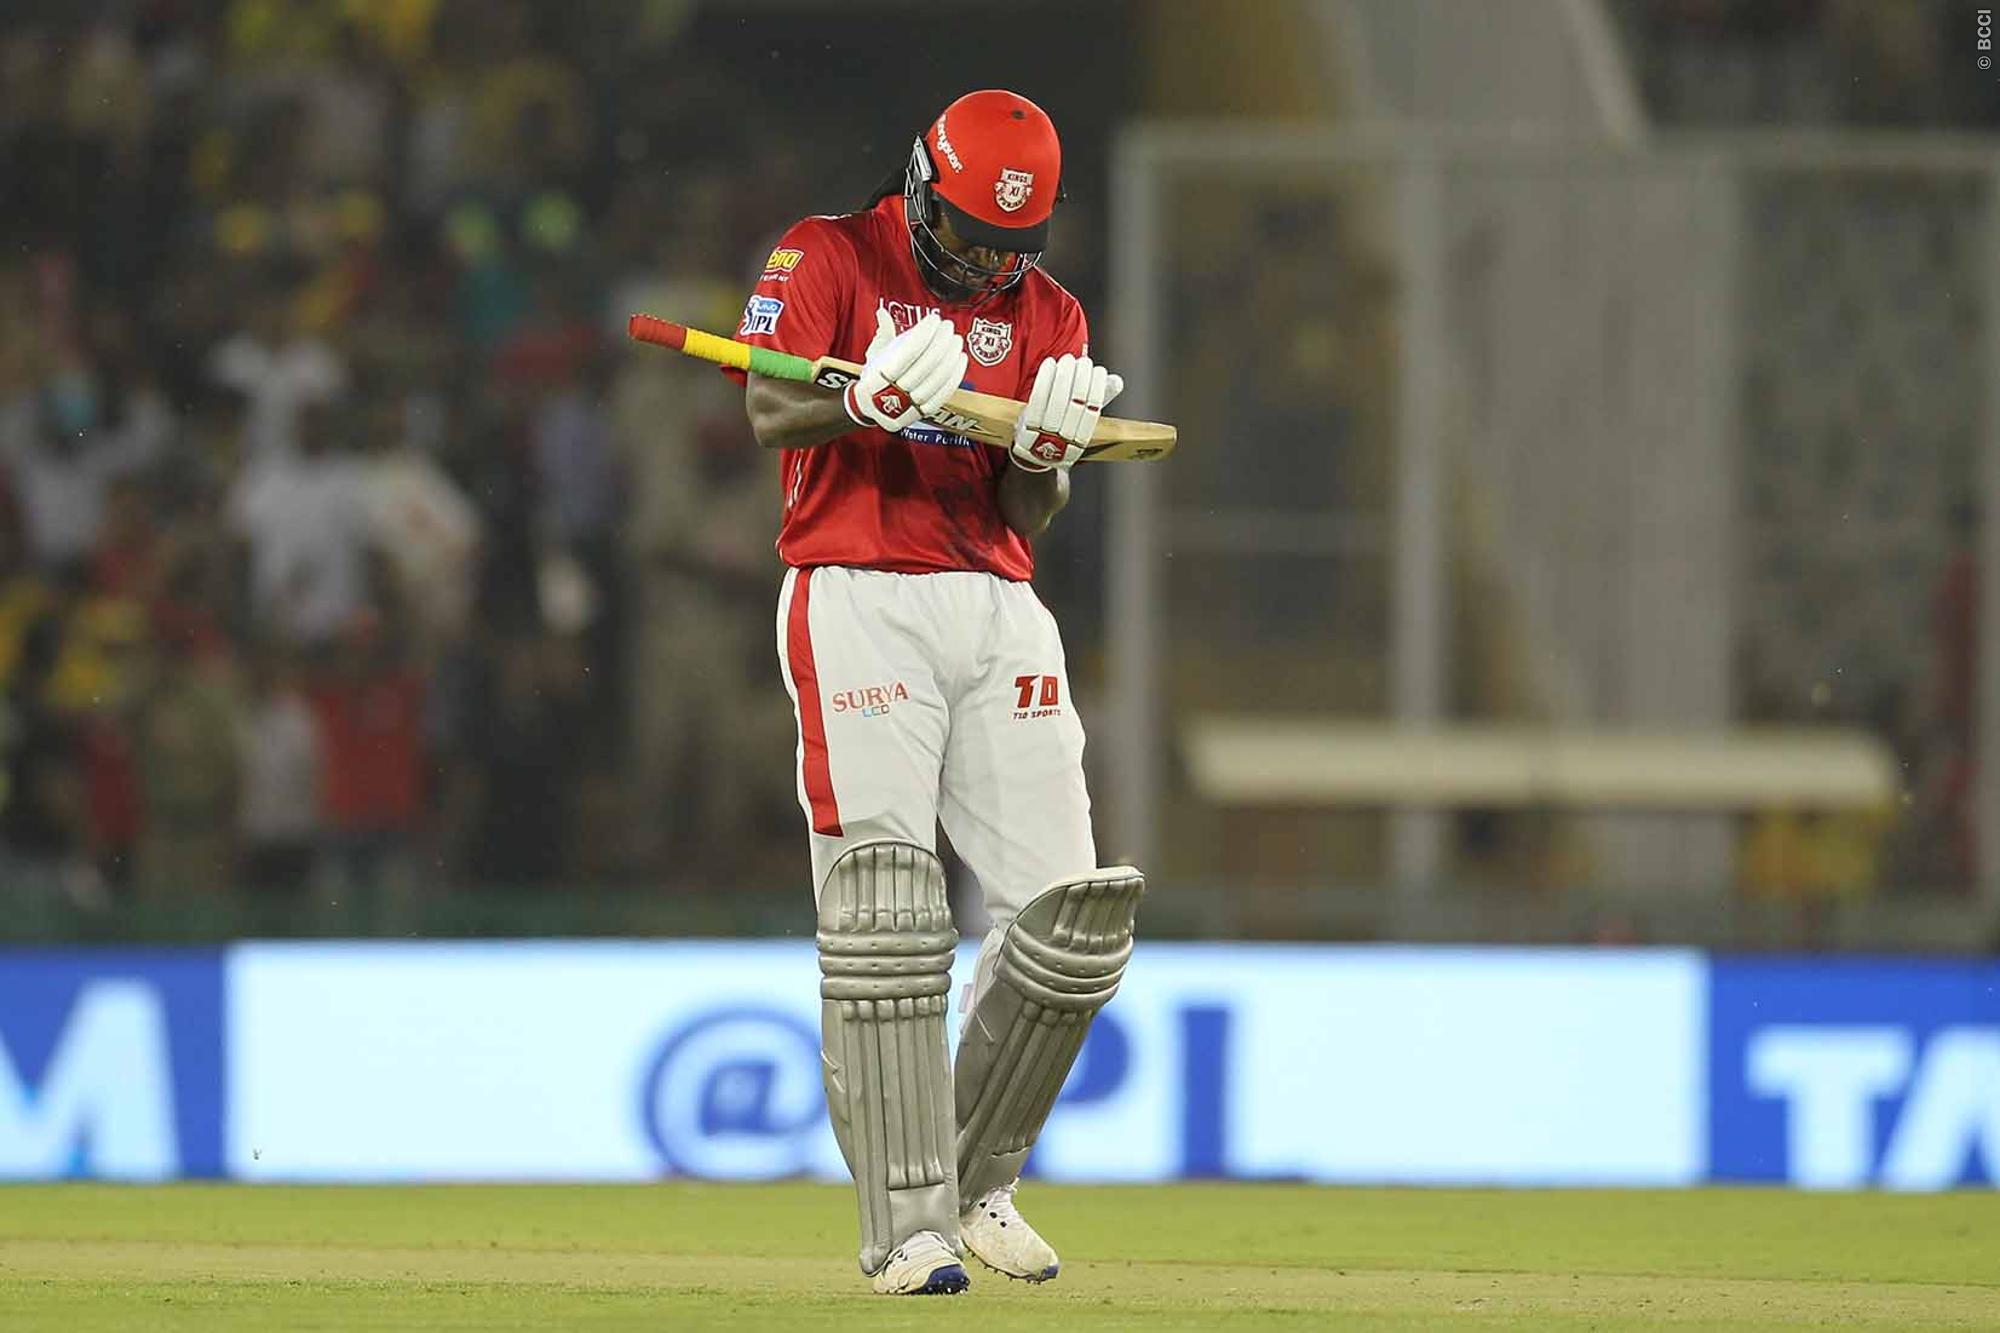 KXIPvSRH: हैदराबाद के खिलाफ होने वाले मैच के लिए पंजाब ने किया अपनी अंतिम XI का ऐलान, इन दो दिग्गज खिलाड़ियों की हुई टीम में वापसी 2